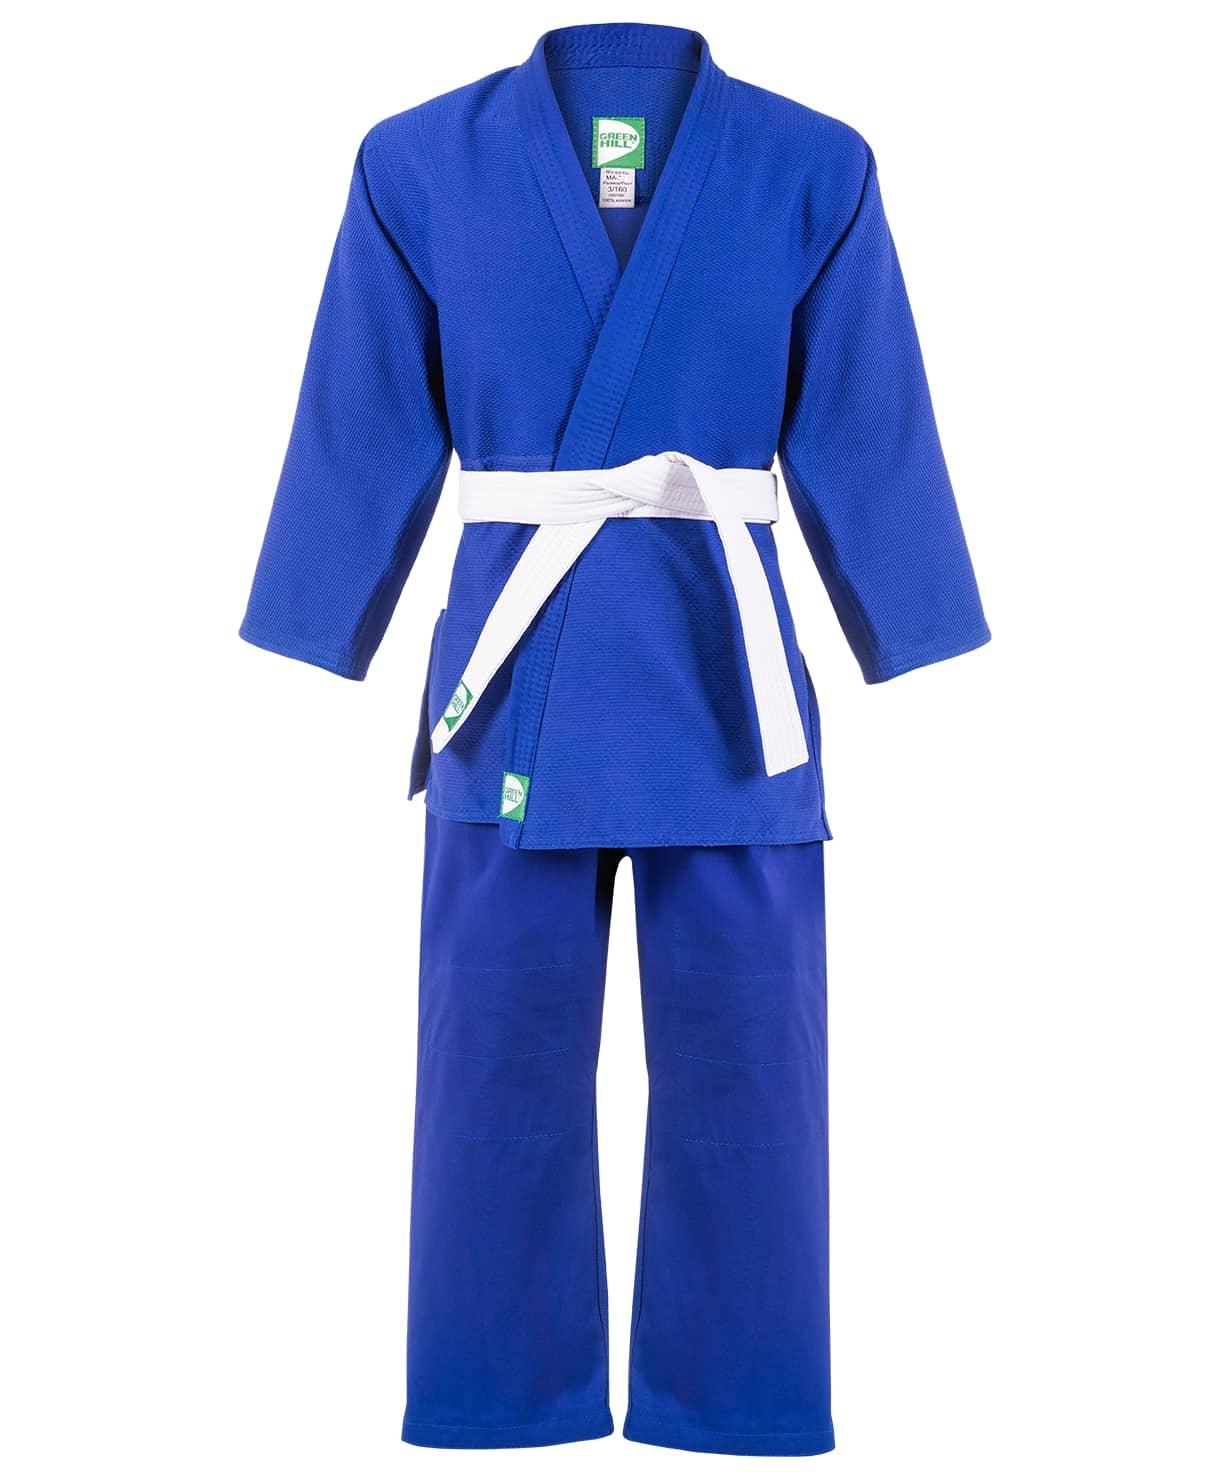 Кимоно для дзюдо MA-301, синий, р.0/130